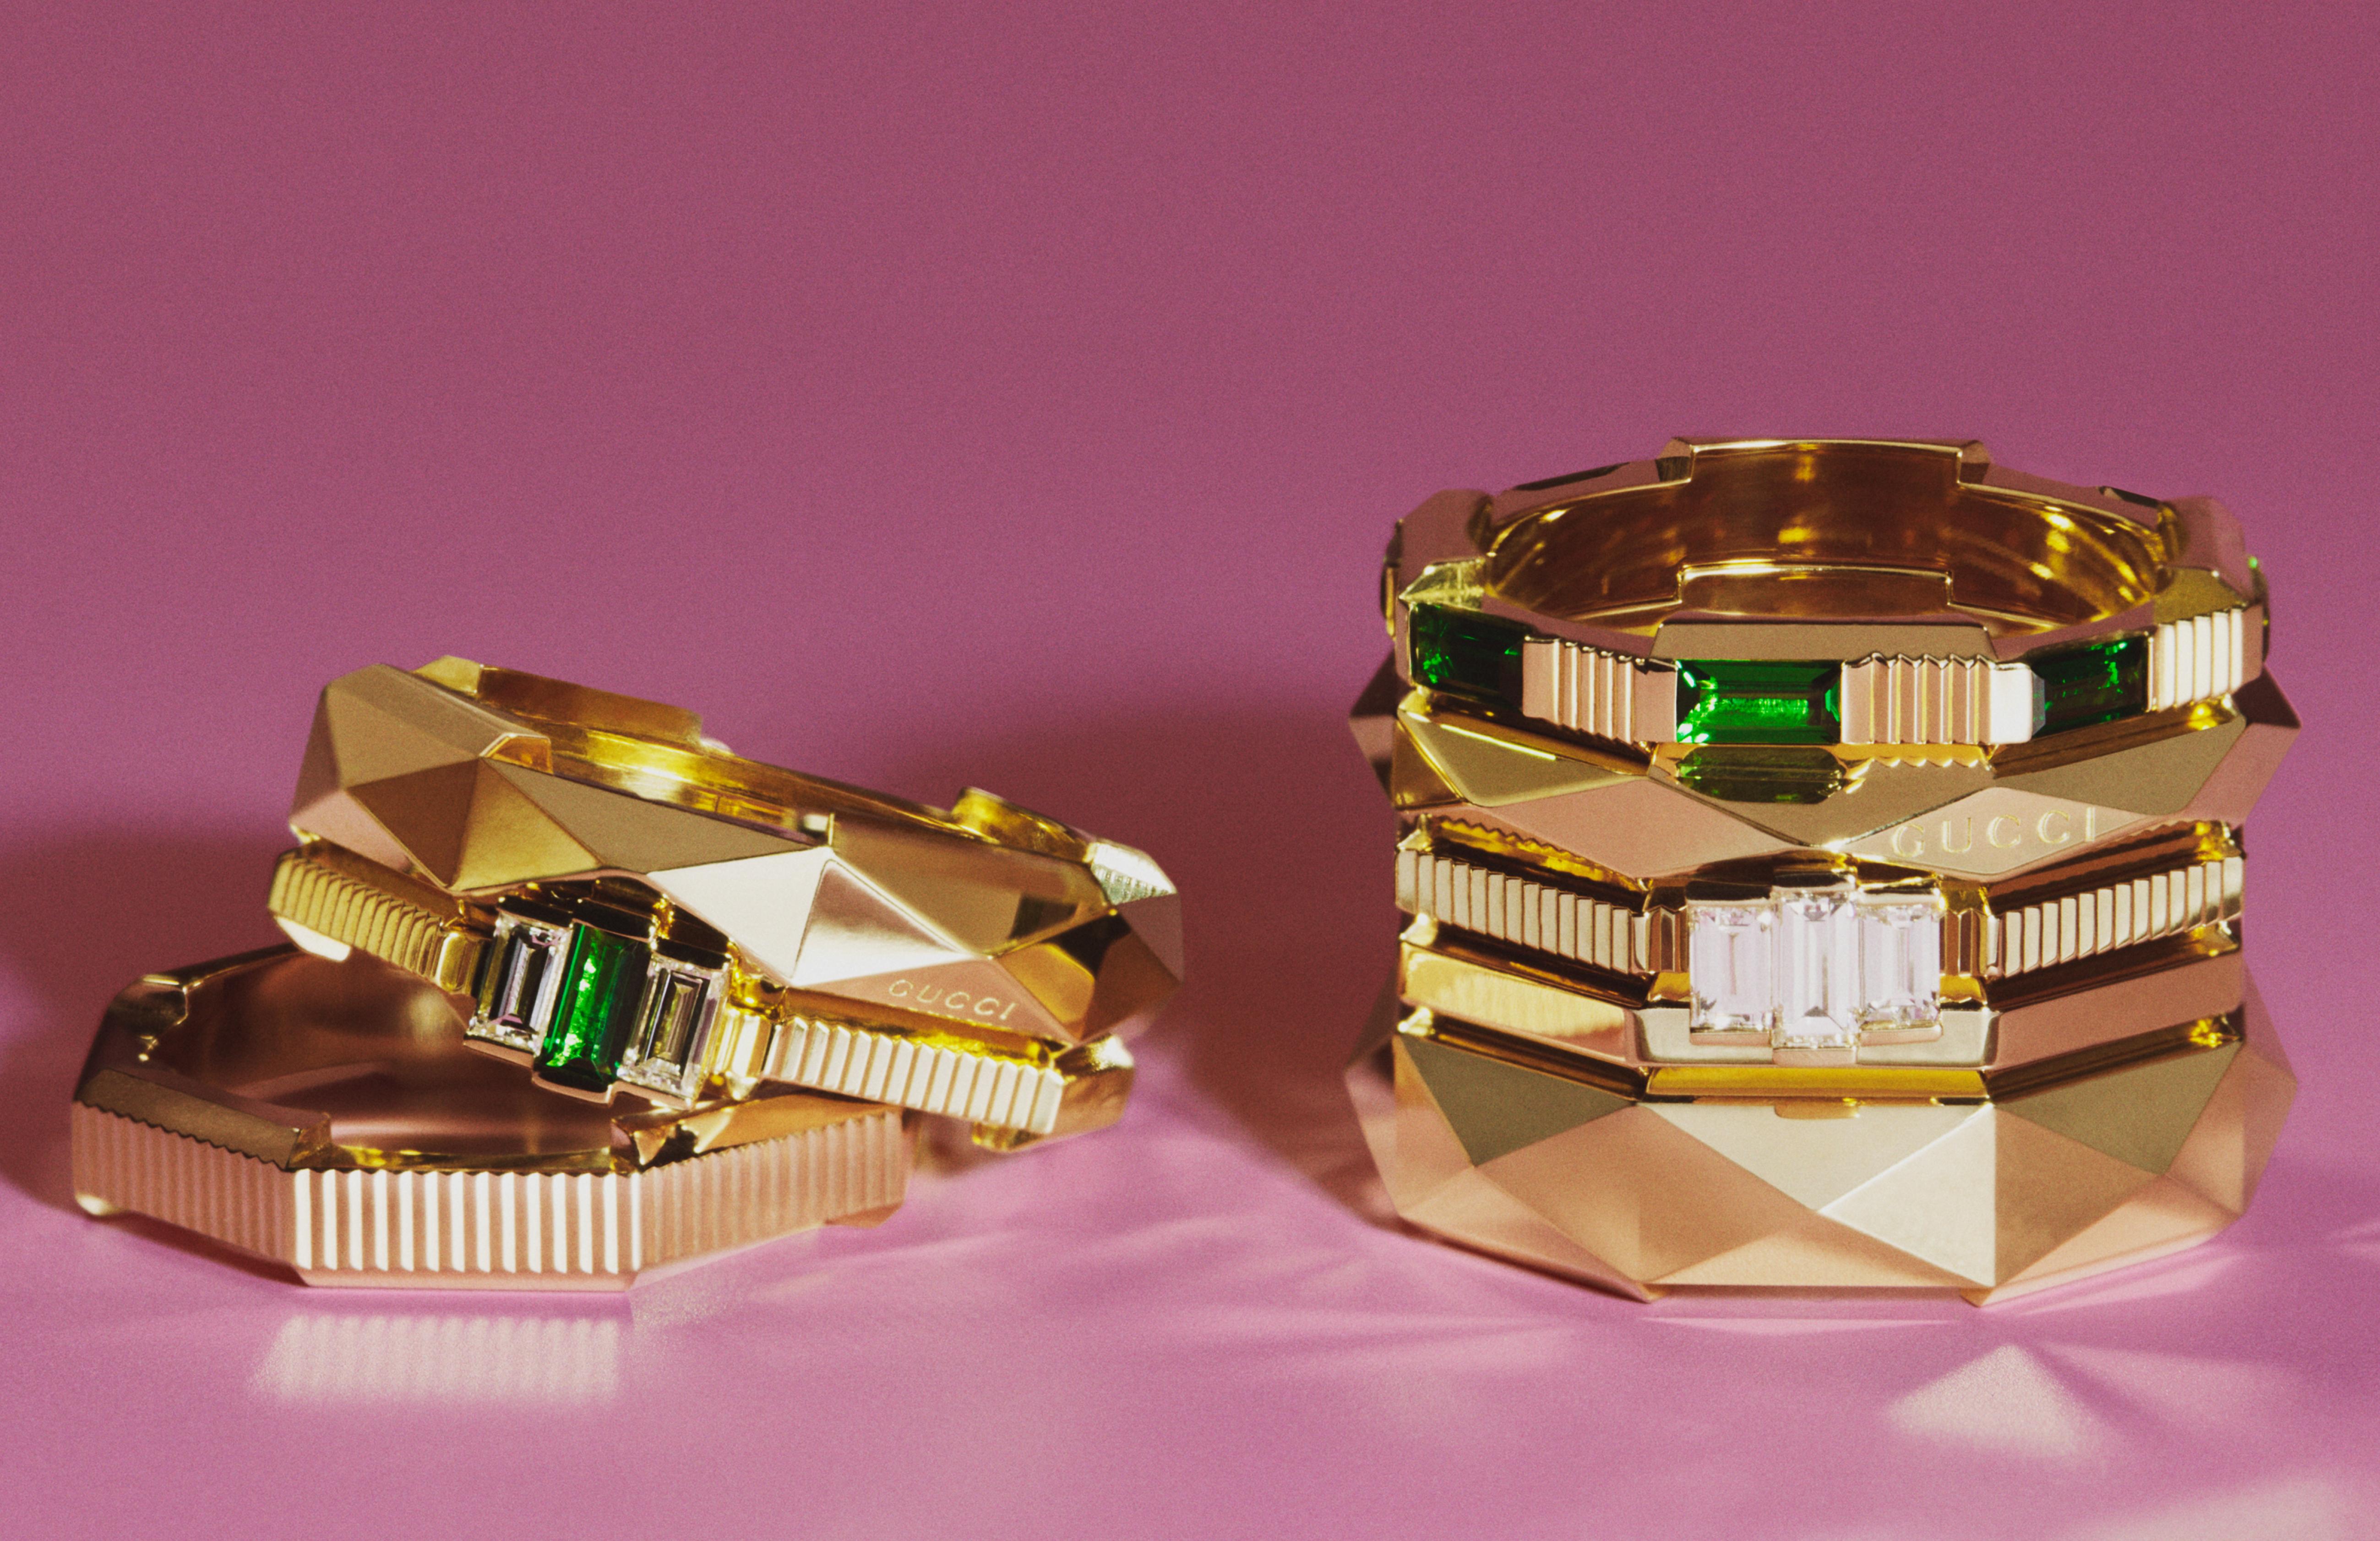 صورة من الحملة الإعلانية لمجموعة Link To Love من غوتشي Gucci